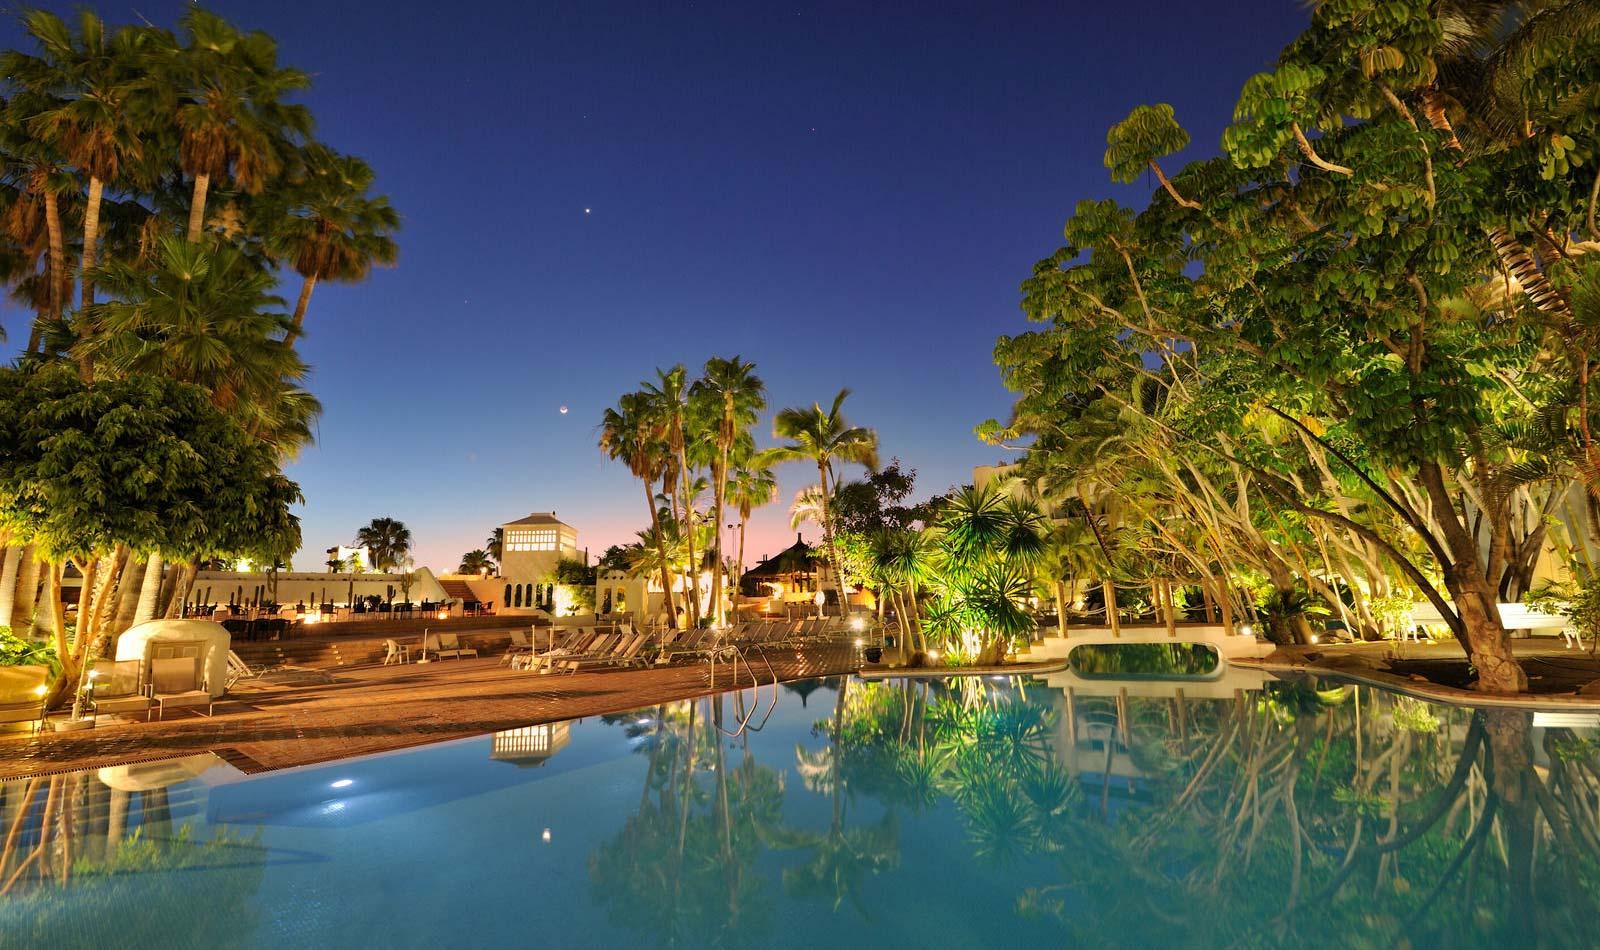 Jardin Tropical Bei Cluburlaub.de avec Jardin Tropical Tui Tenerife